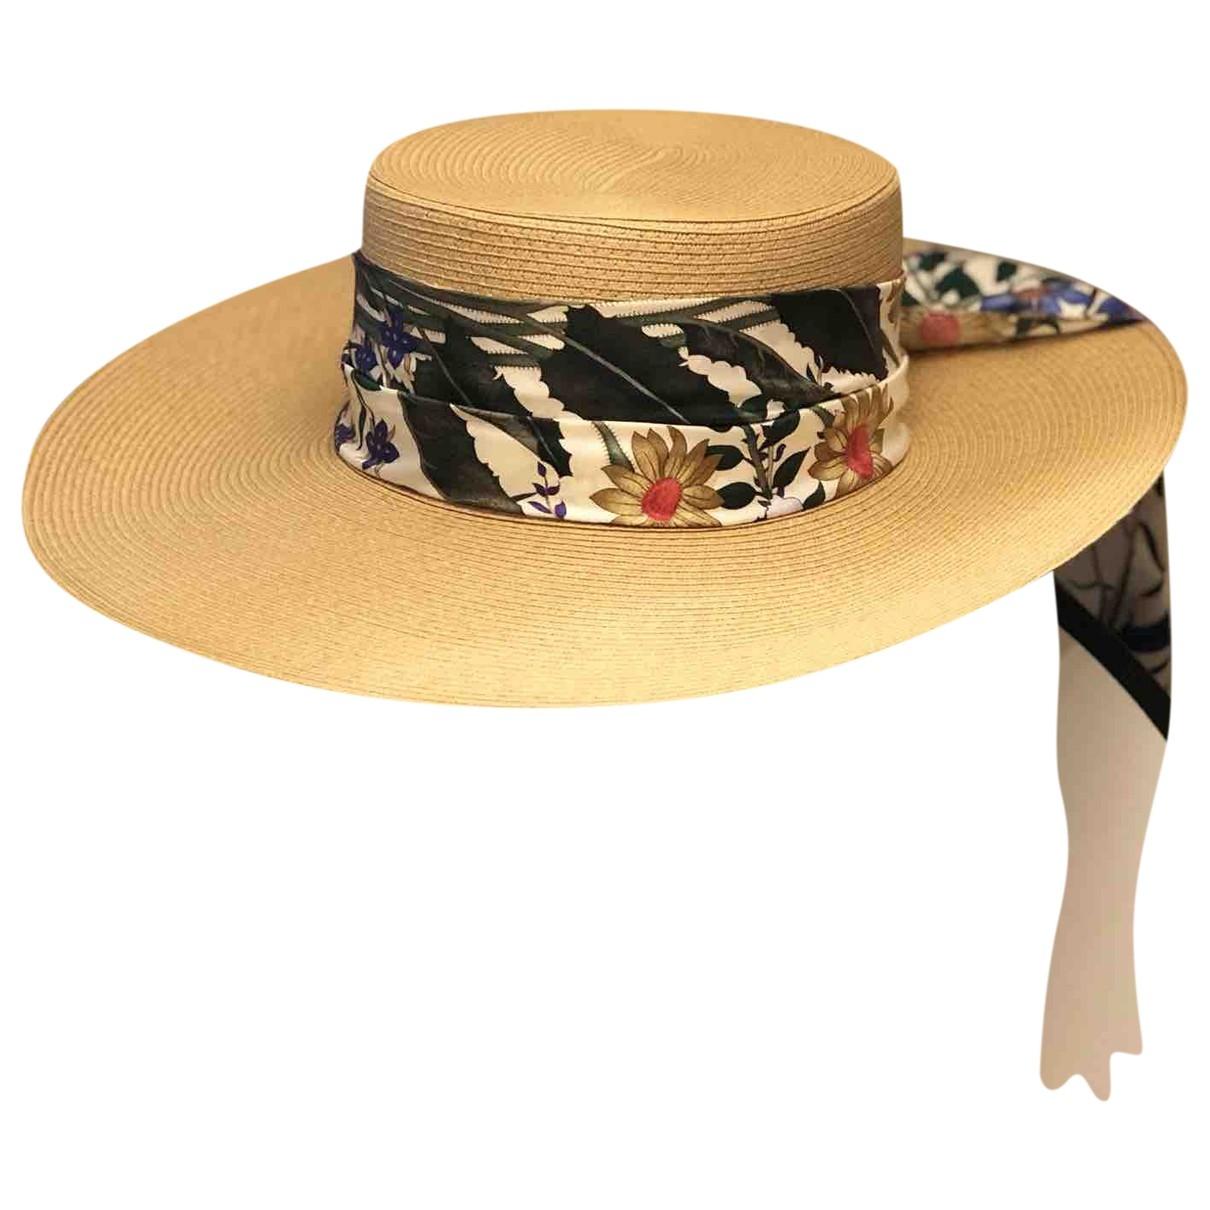 Gucci \N Beige Wicker hat for Women S International